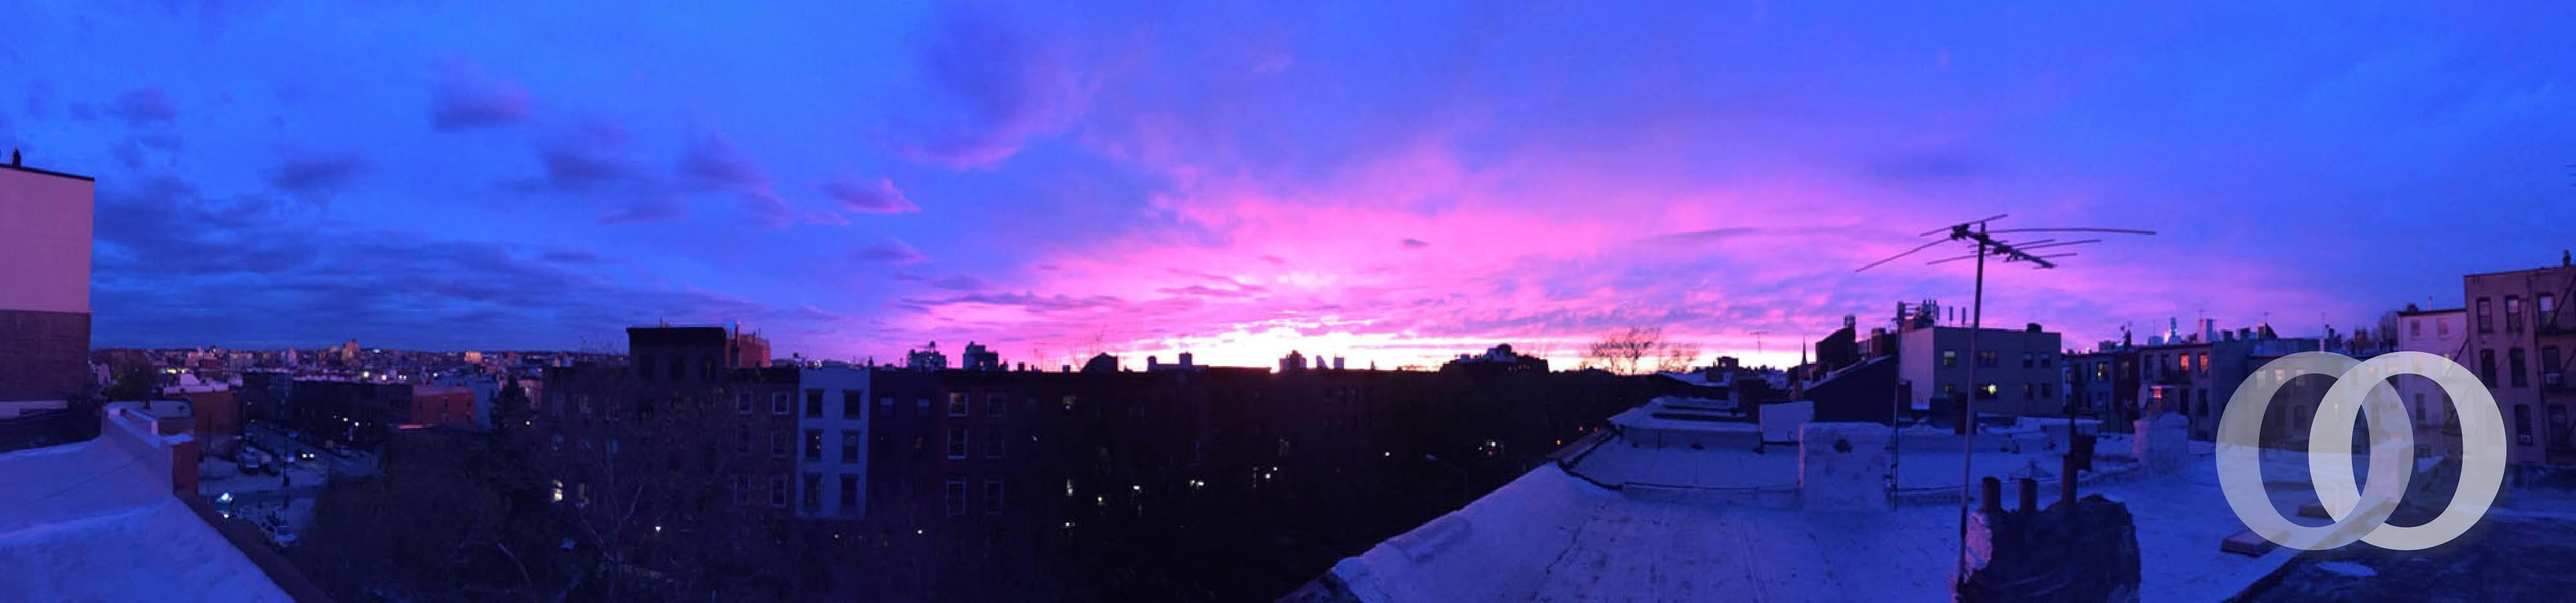 sunset2015-banner